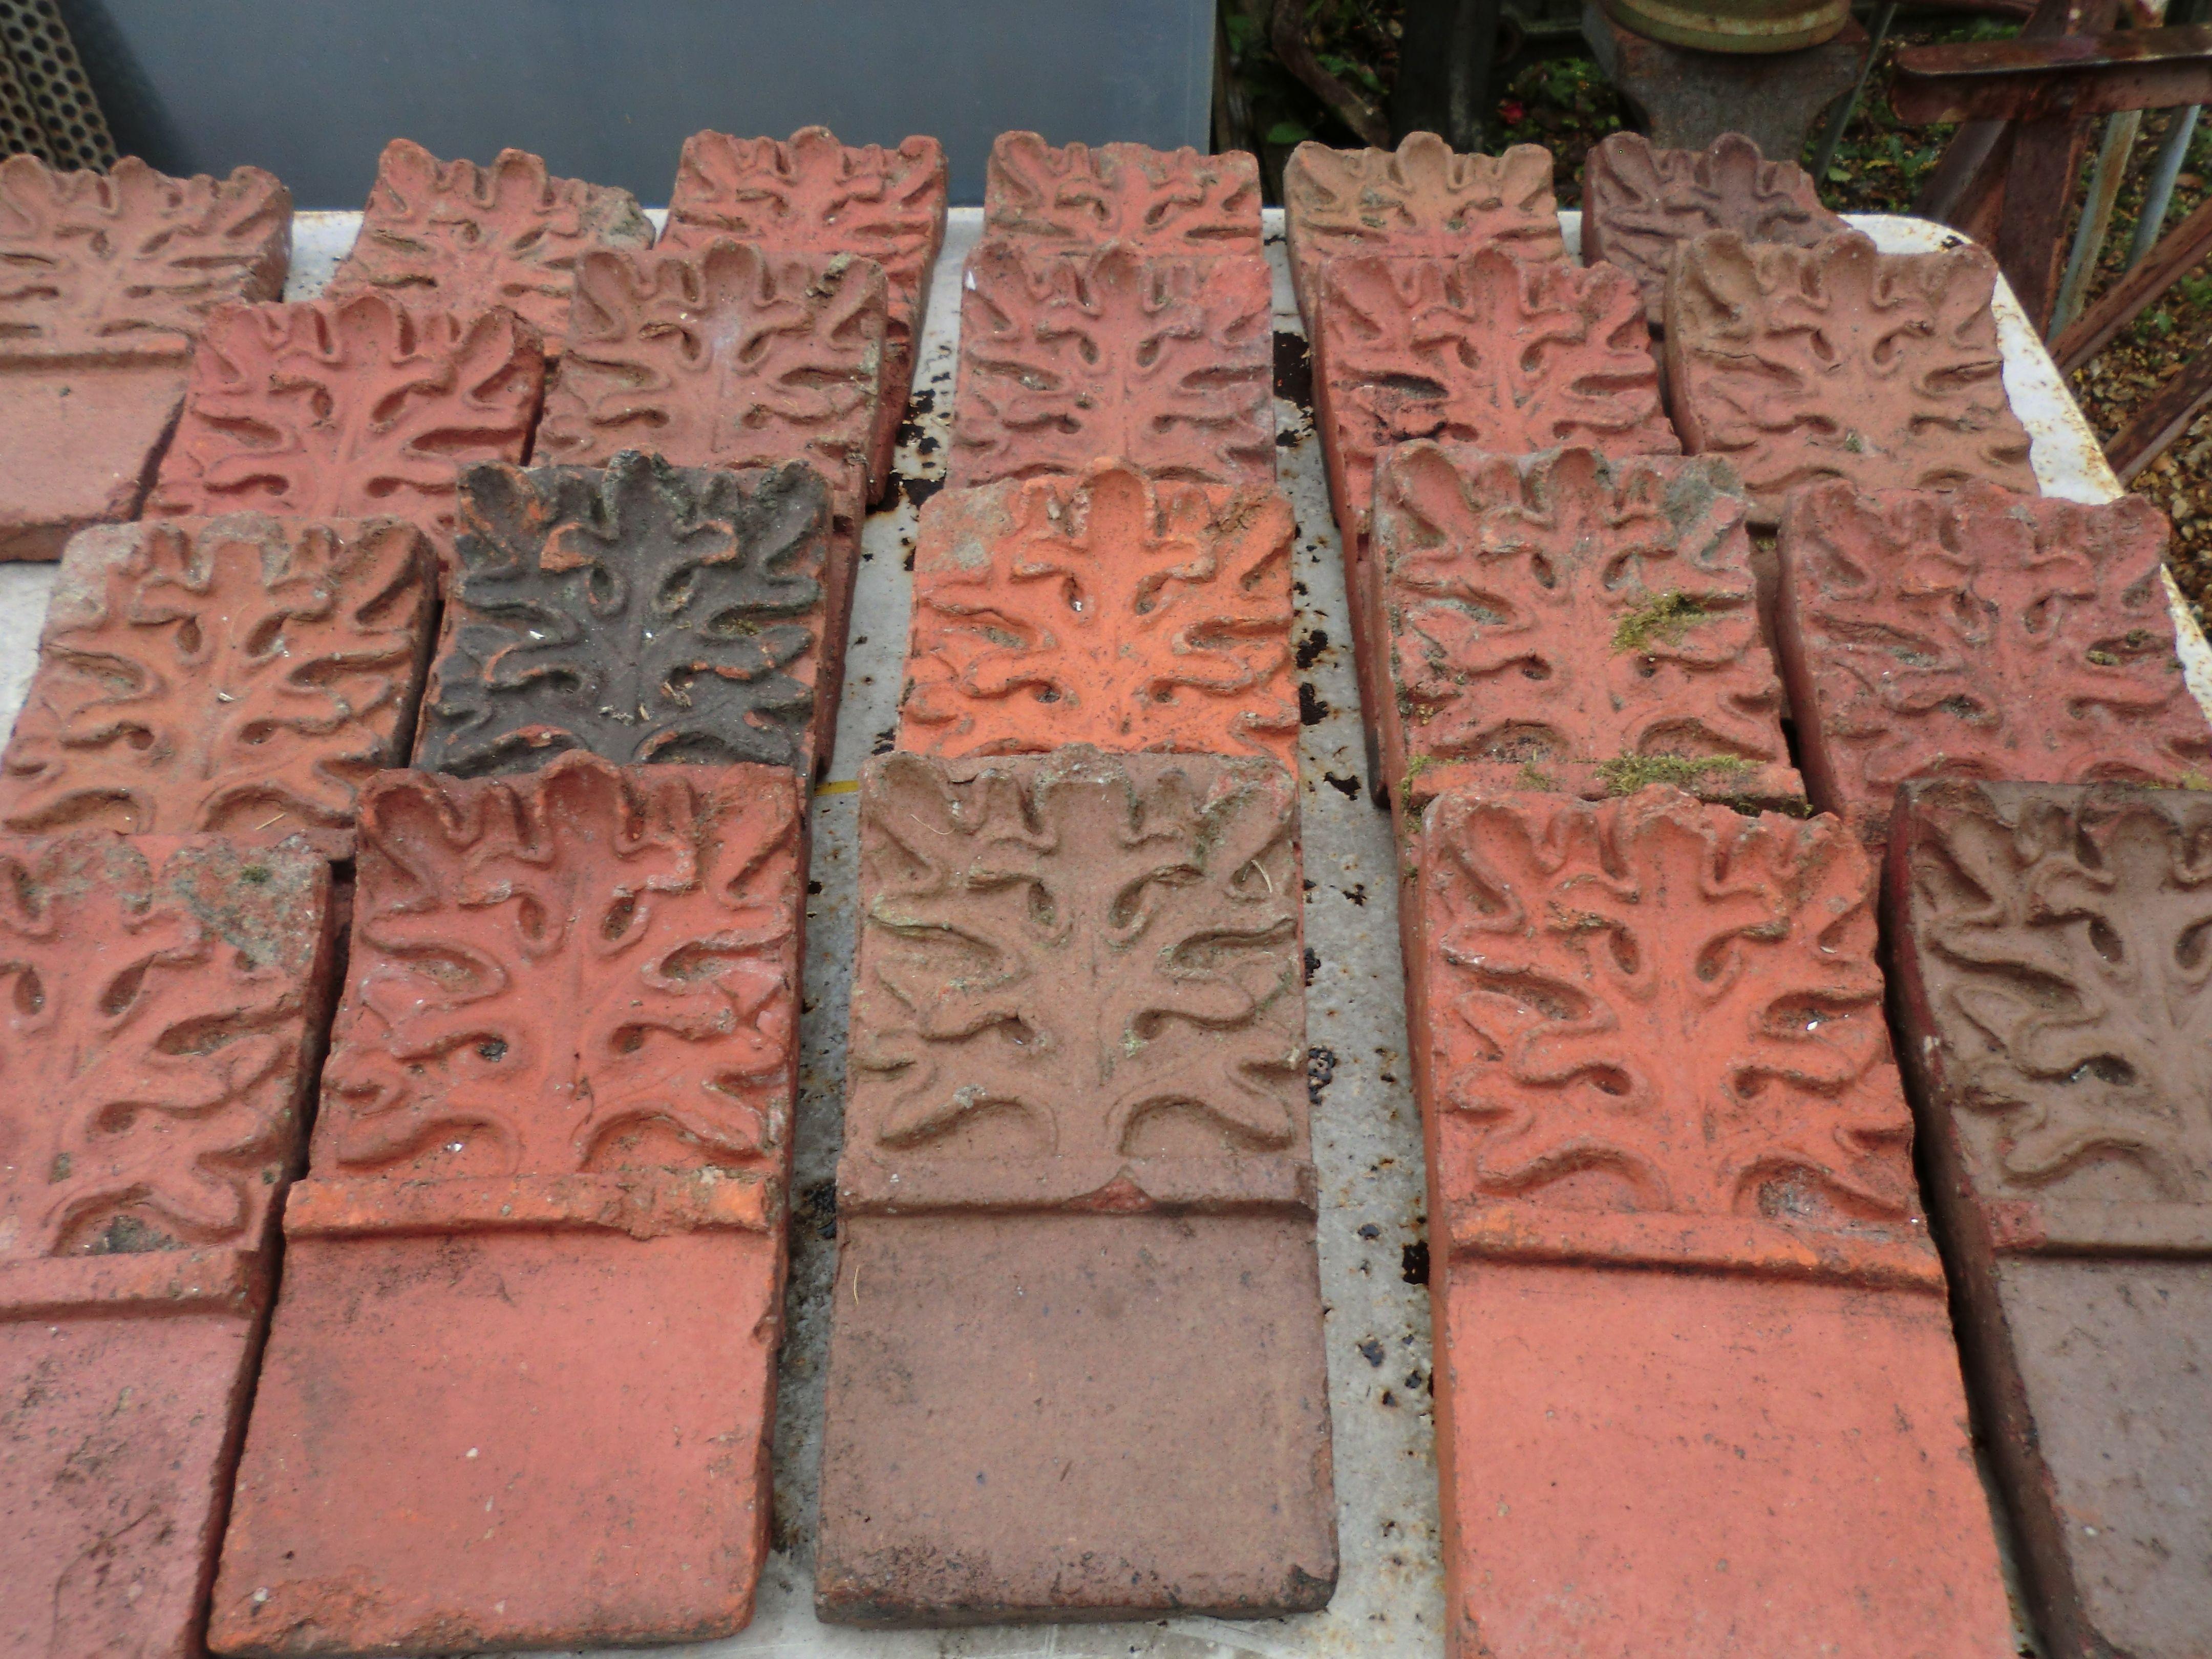 Ancienne bordure en terre cuite de quoi faire 2m 80 de bordure pour orner un joli potager - Bordure de jardin ancienne en terre cuite ...